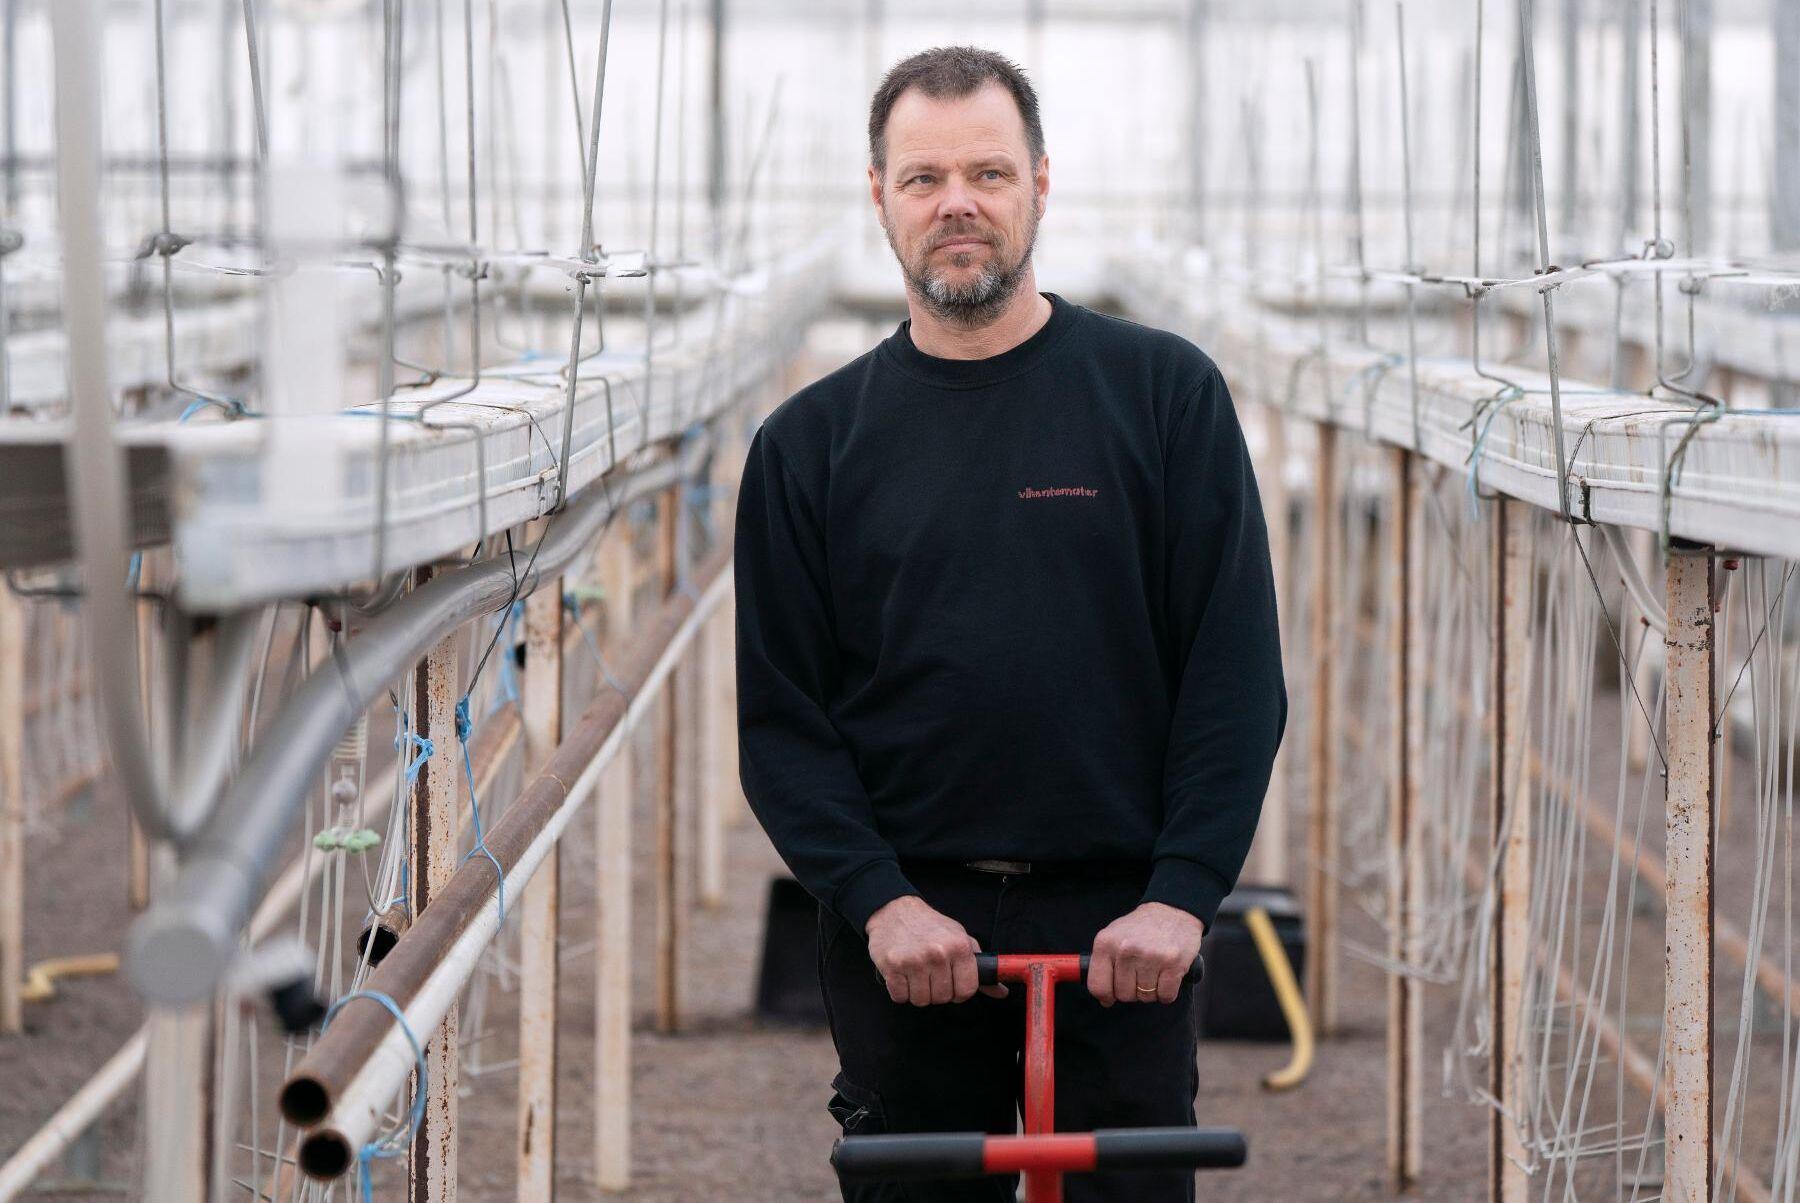 Mats Olofsson på Vikentomater utanför Höganäs förlorade i våras stort när restaurangernas inköp försvann i spåren av corona.